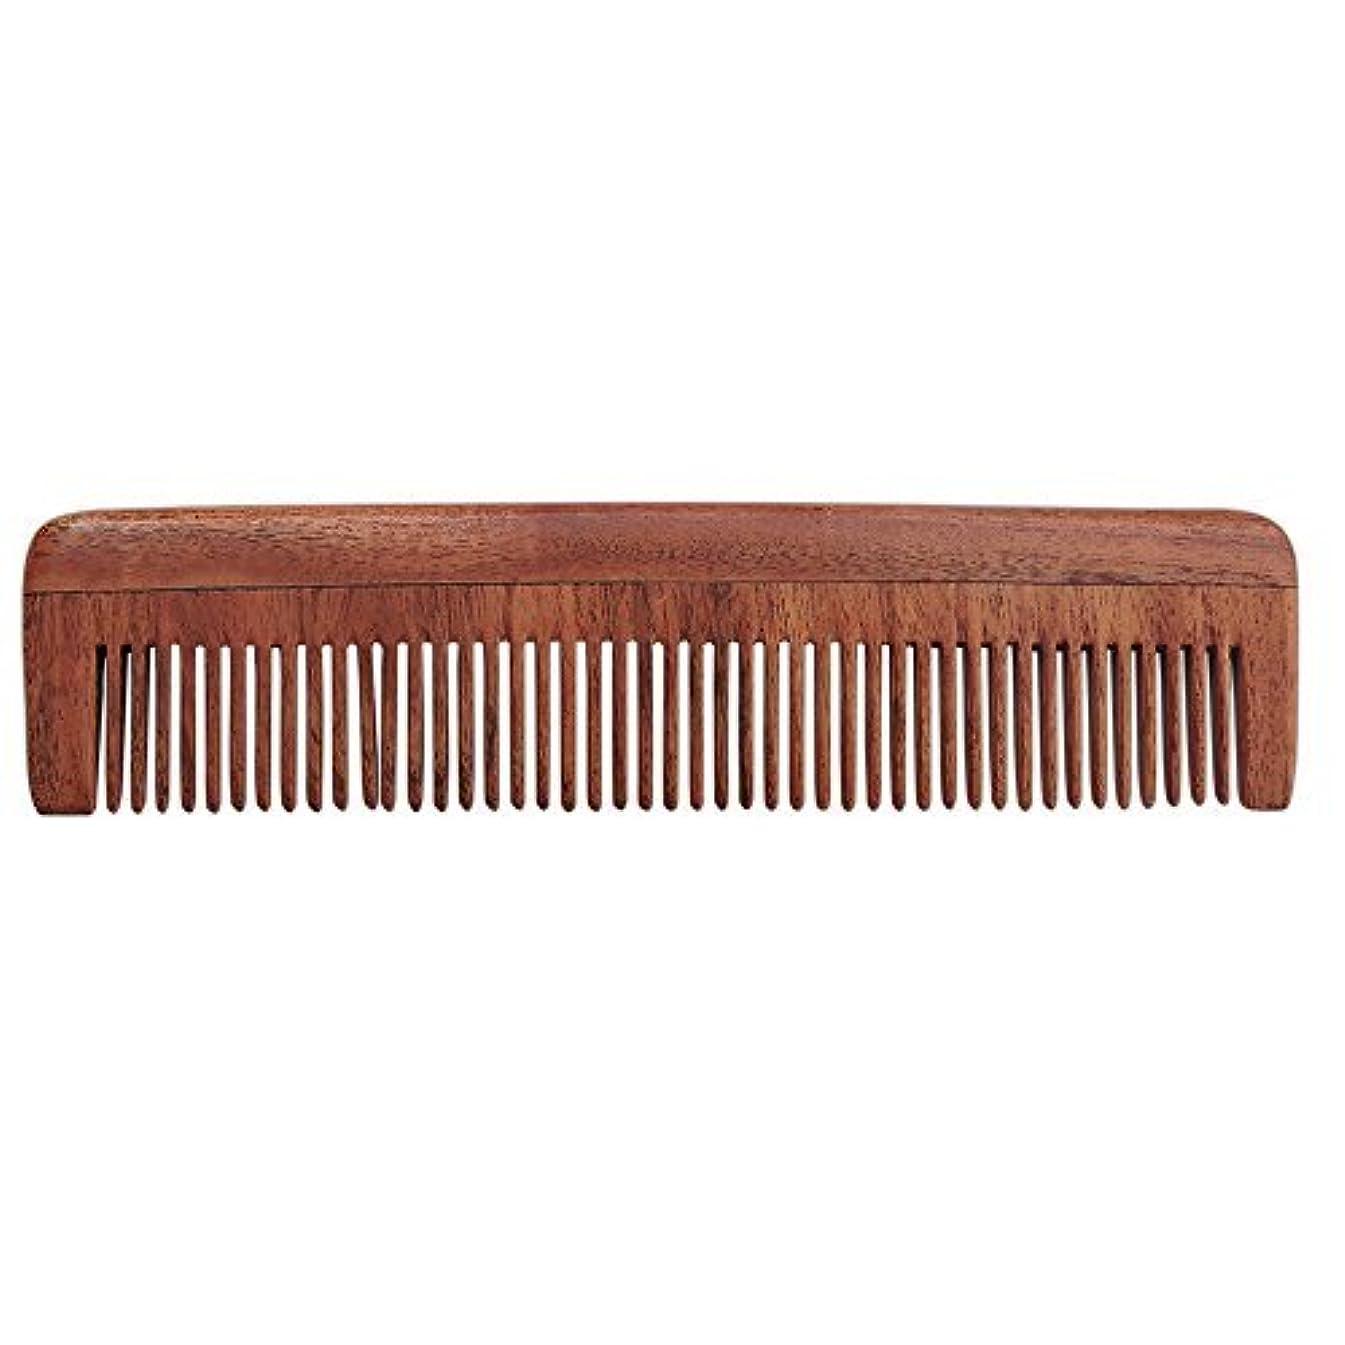 昼間協力的ゴールドHealthGoodsIn - Pure Neem Wood Fine Tooth Comb for Fine Hair | Fine Tooth Neem Comb | Organic and Natural for...